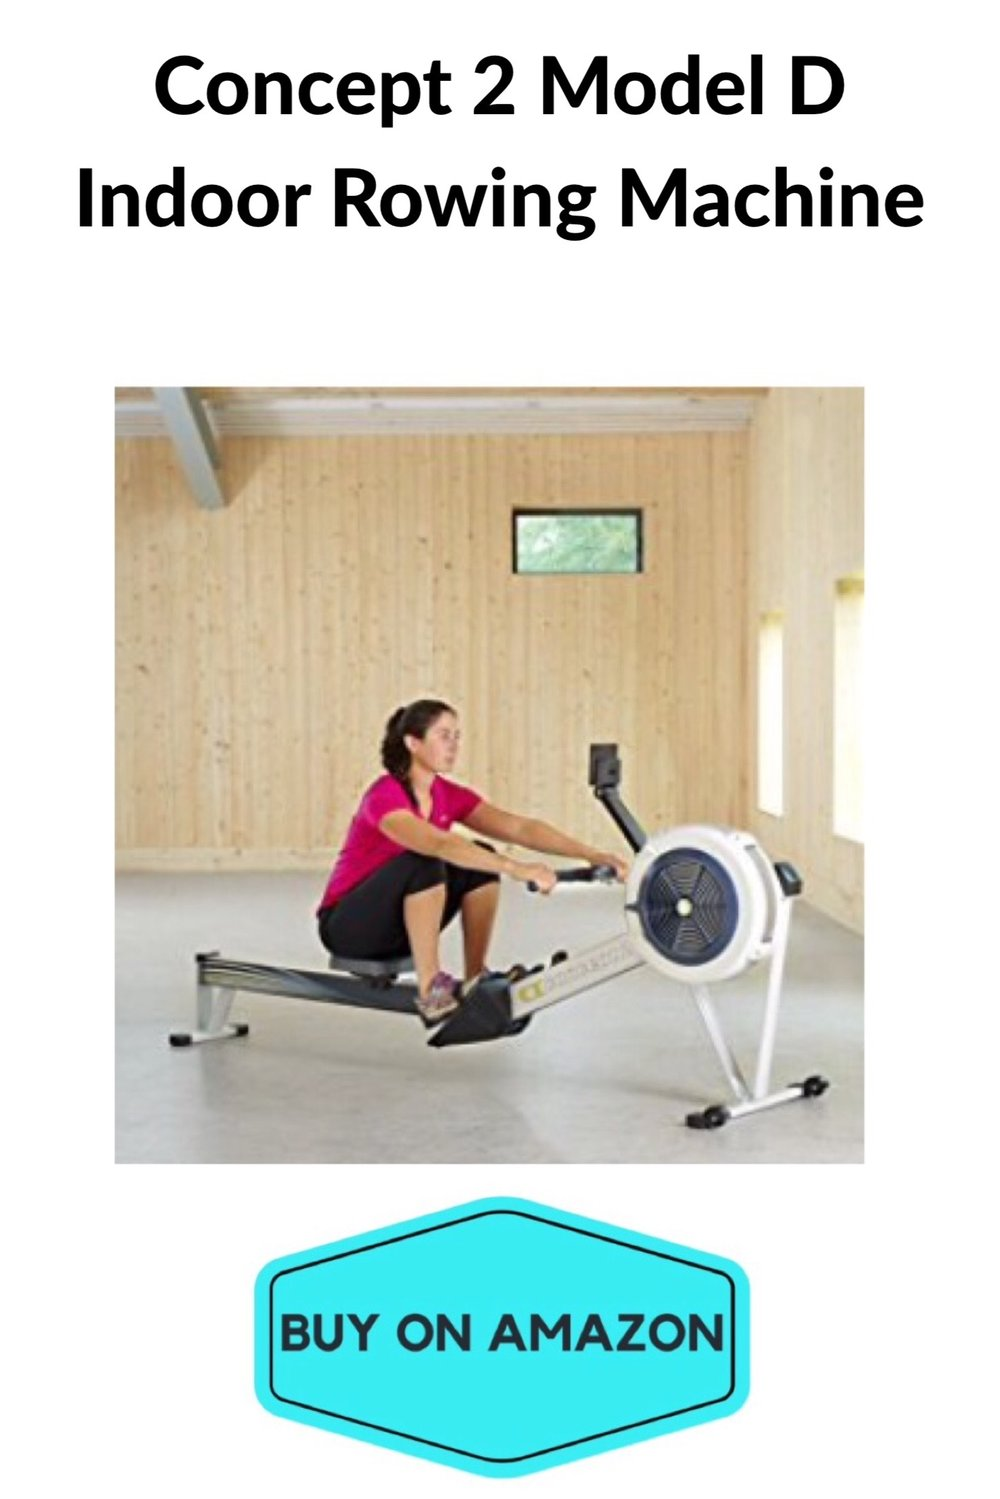 Concept 2 Model D Indoor Rowing Machine